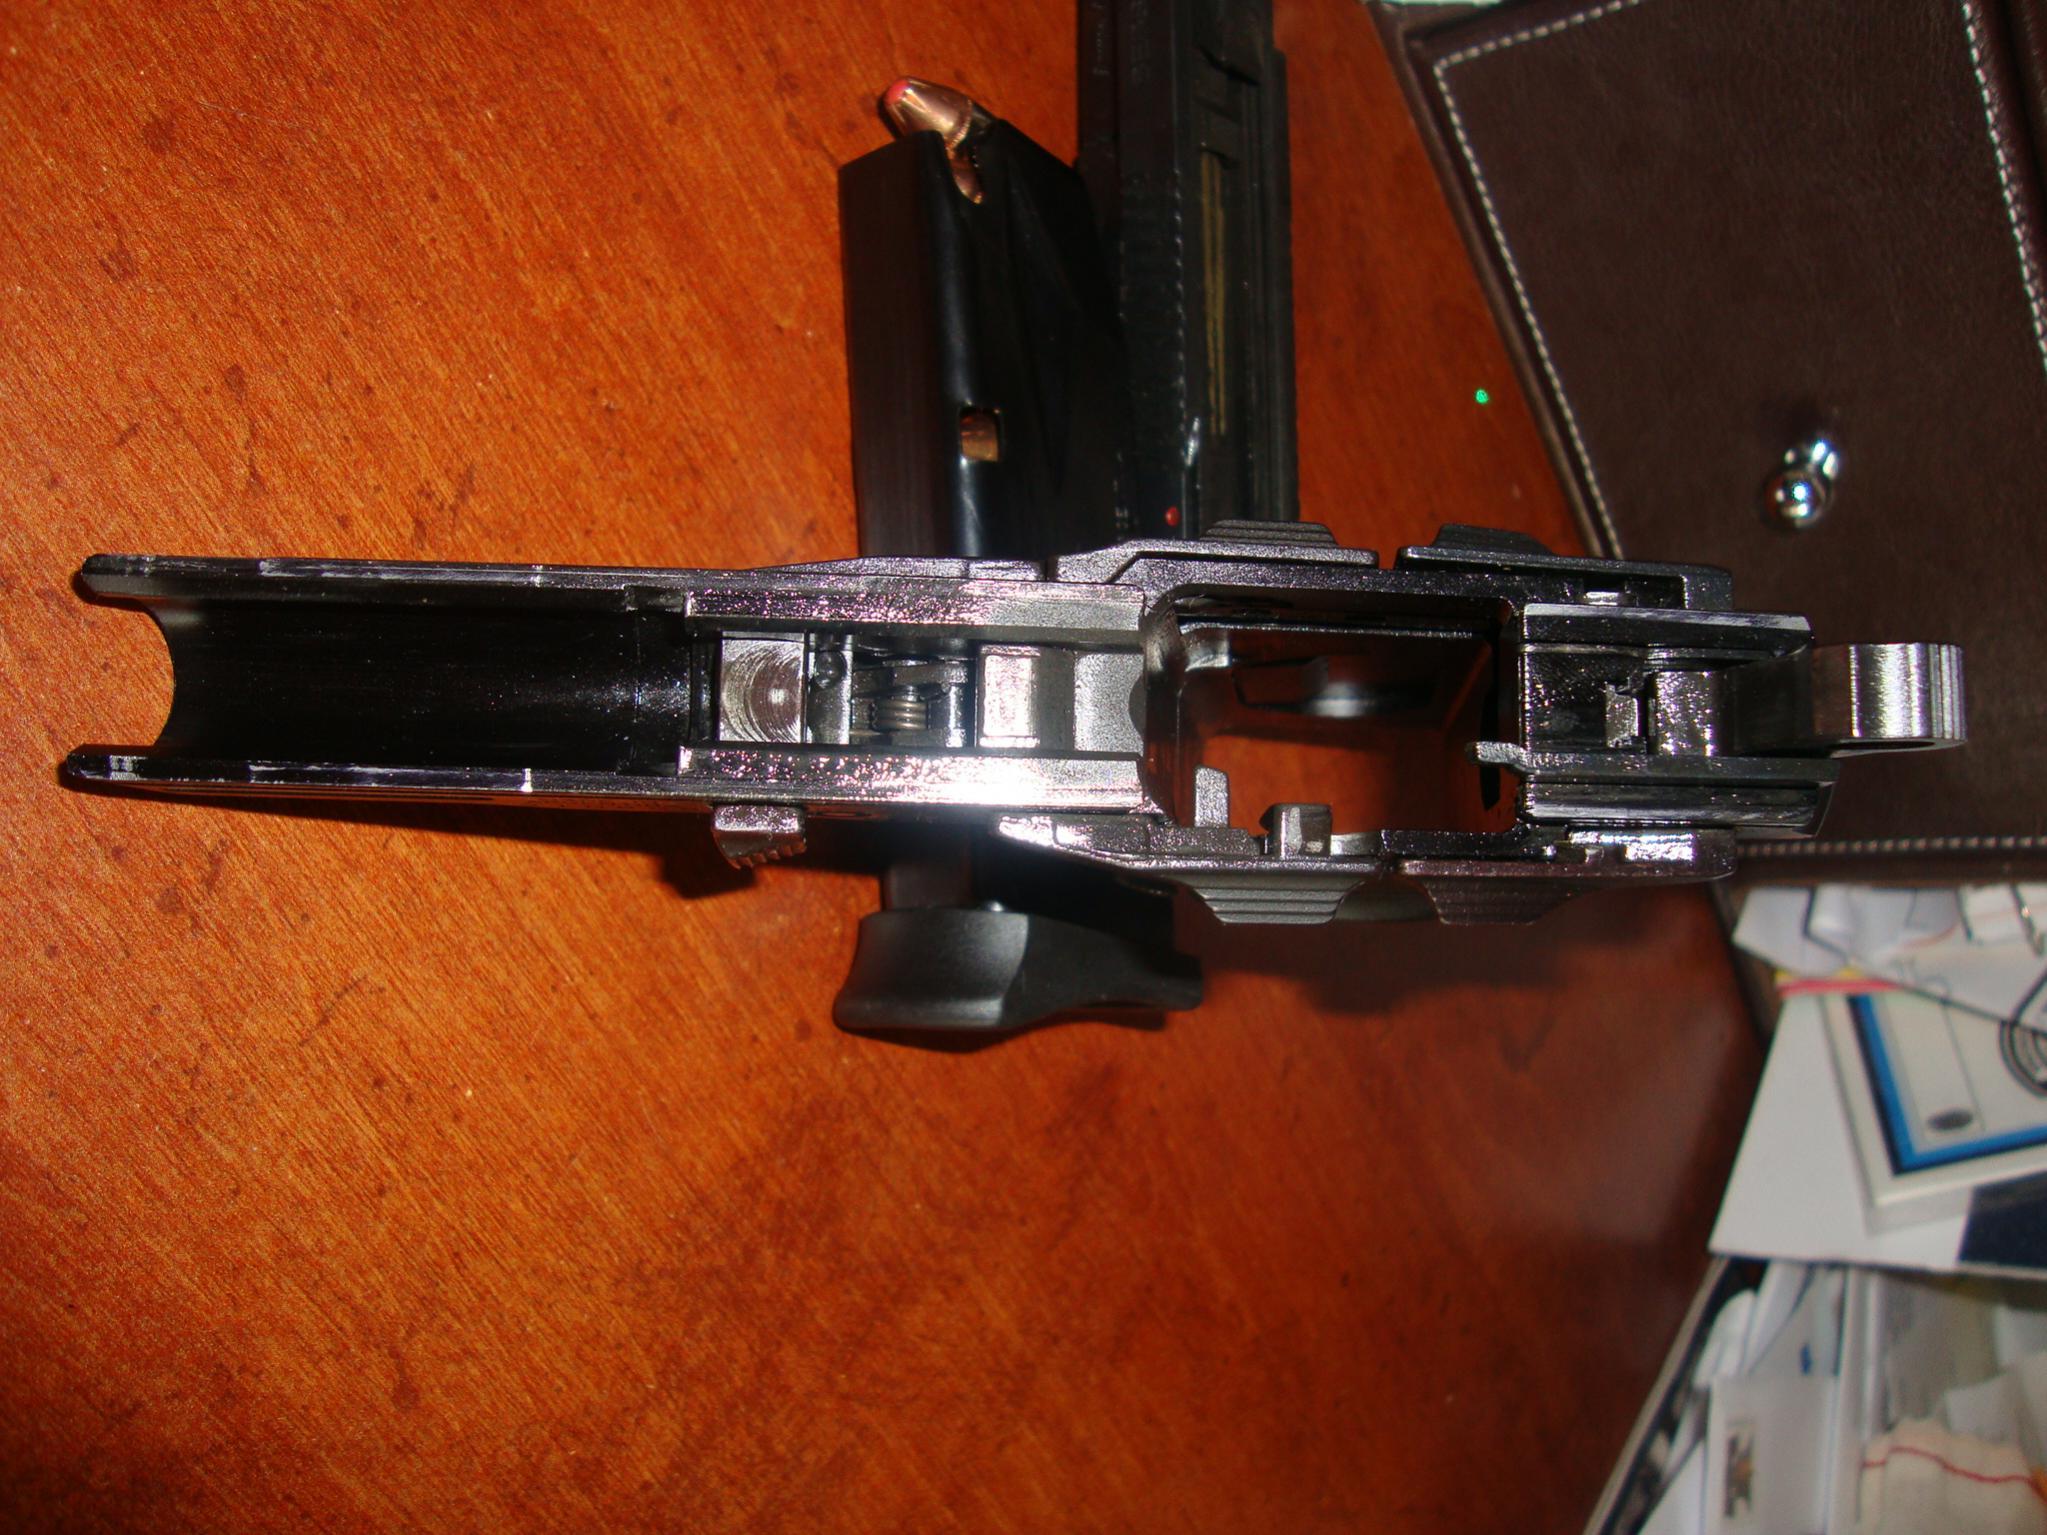 Bersa Thunder 9 UC-dsc00893.jpg